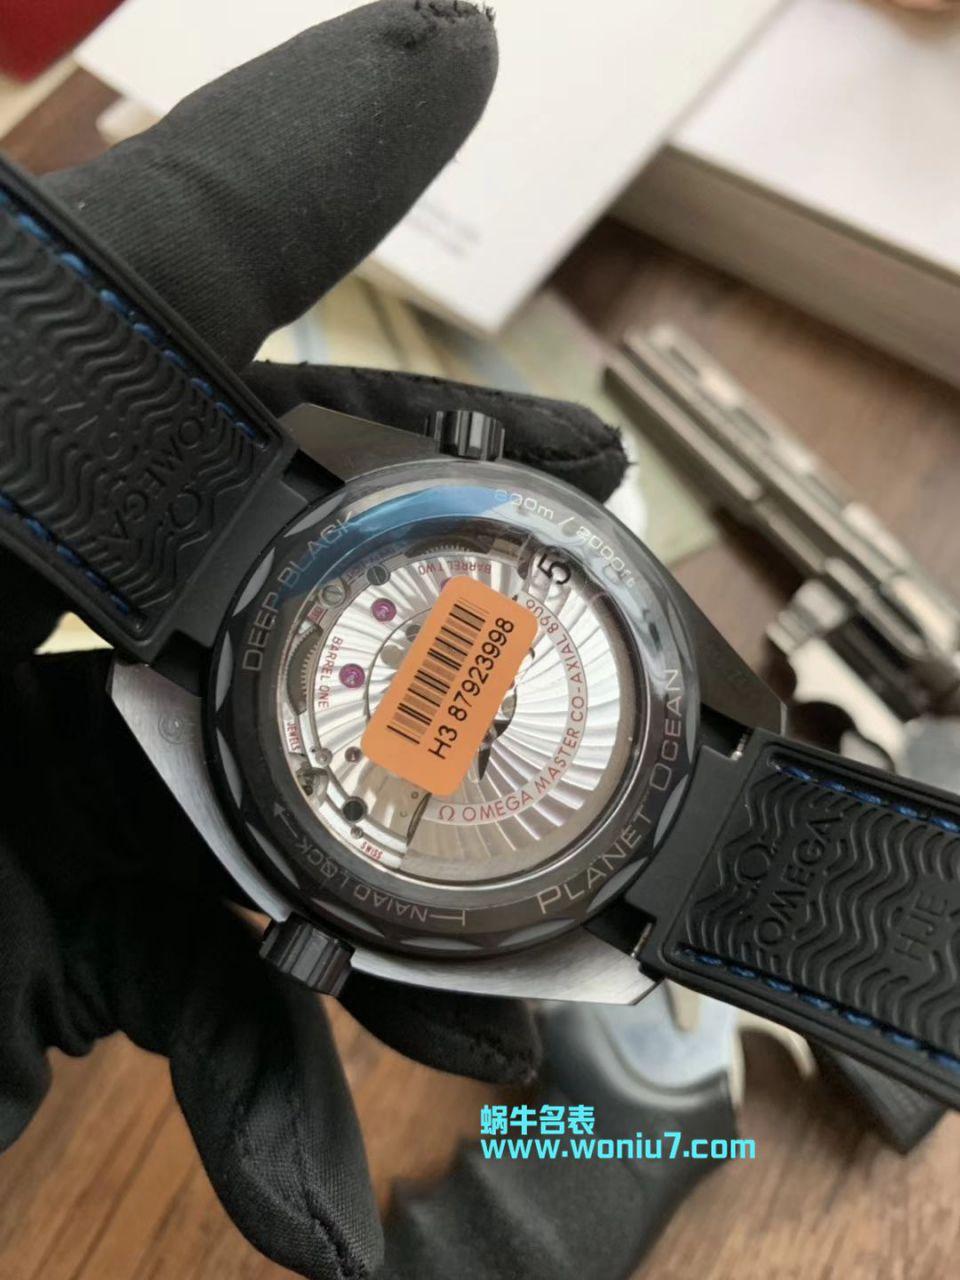 【VS一比一超A高仿手表】欧米茄海马系列深海之黑215.92.46.22.01.003、215.92.46.22.01.002腕表 / M371